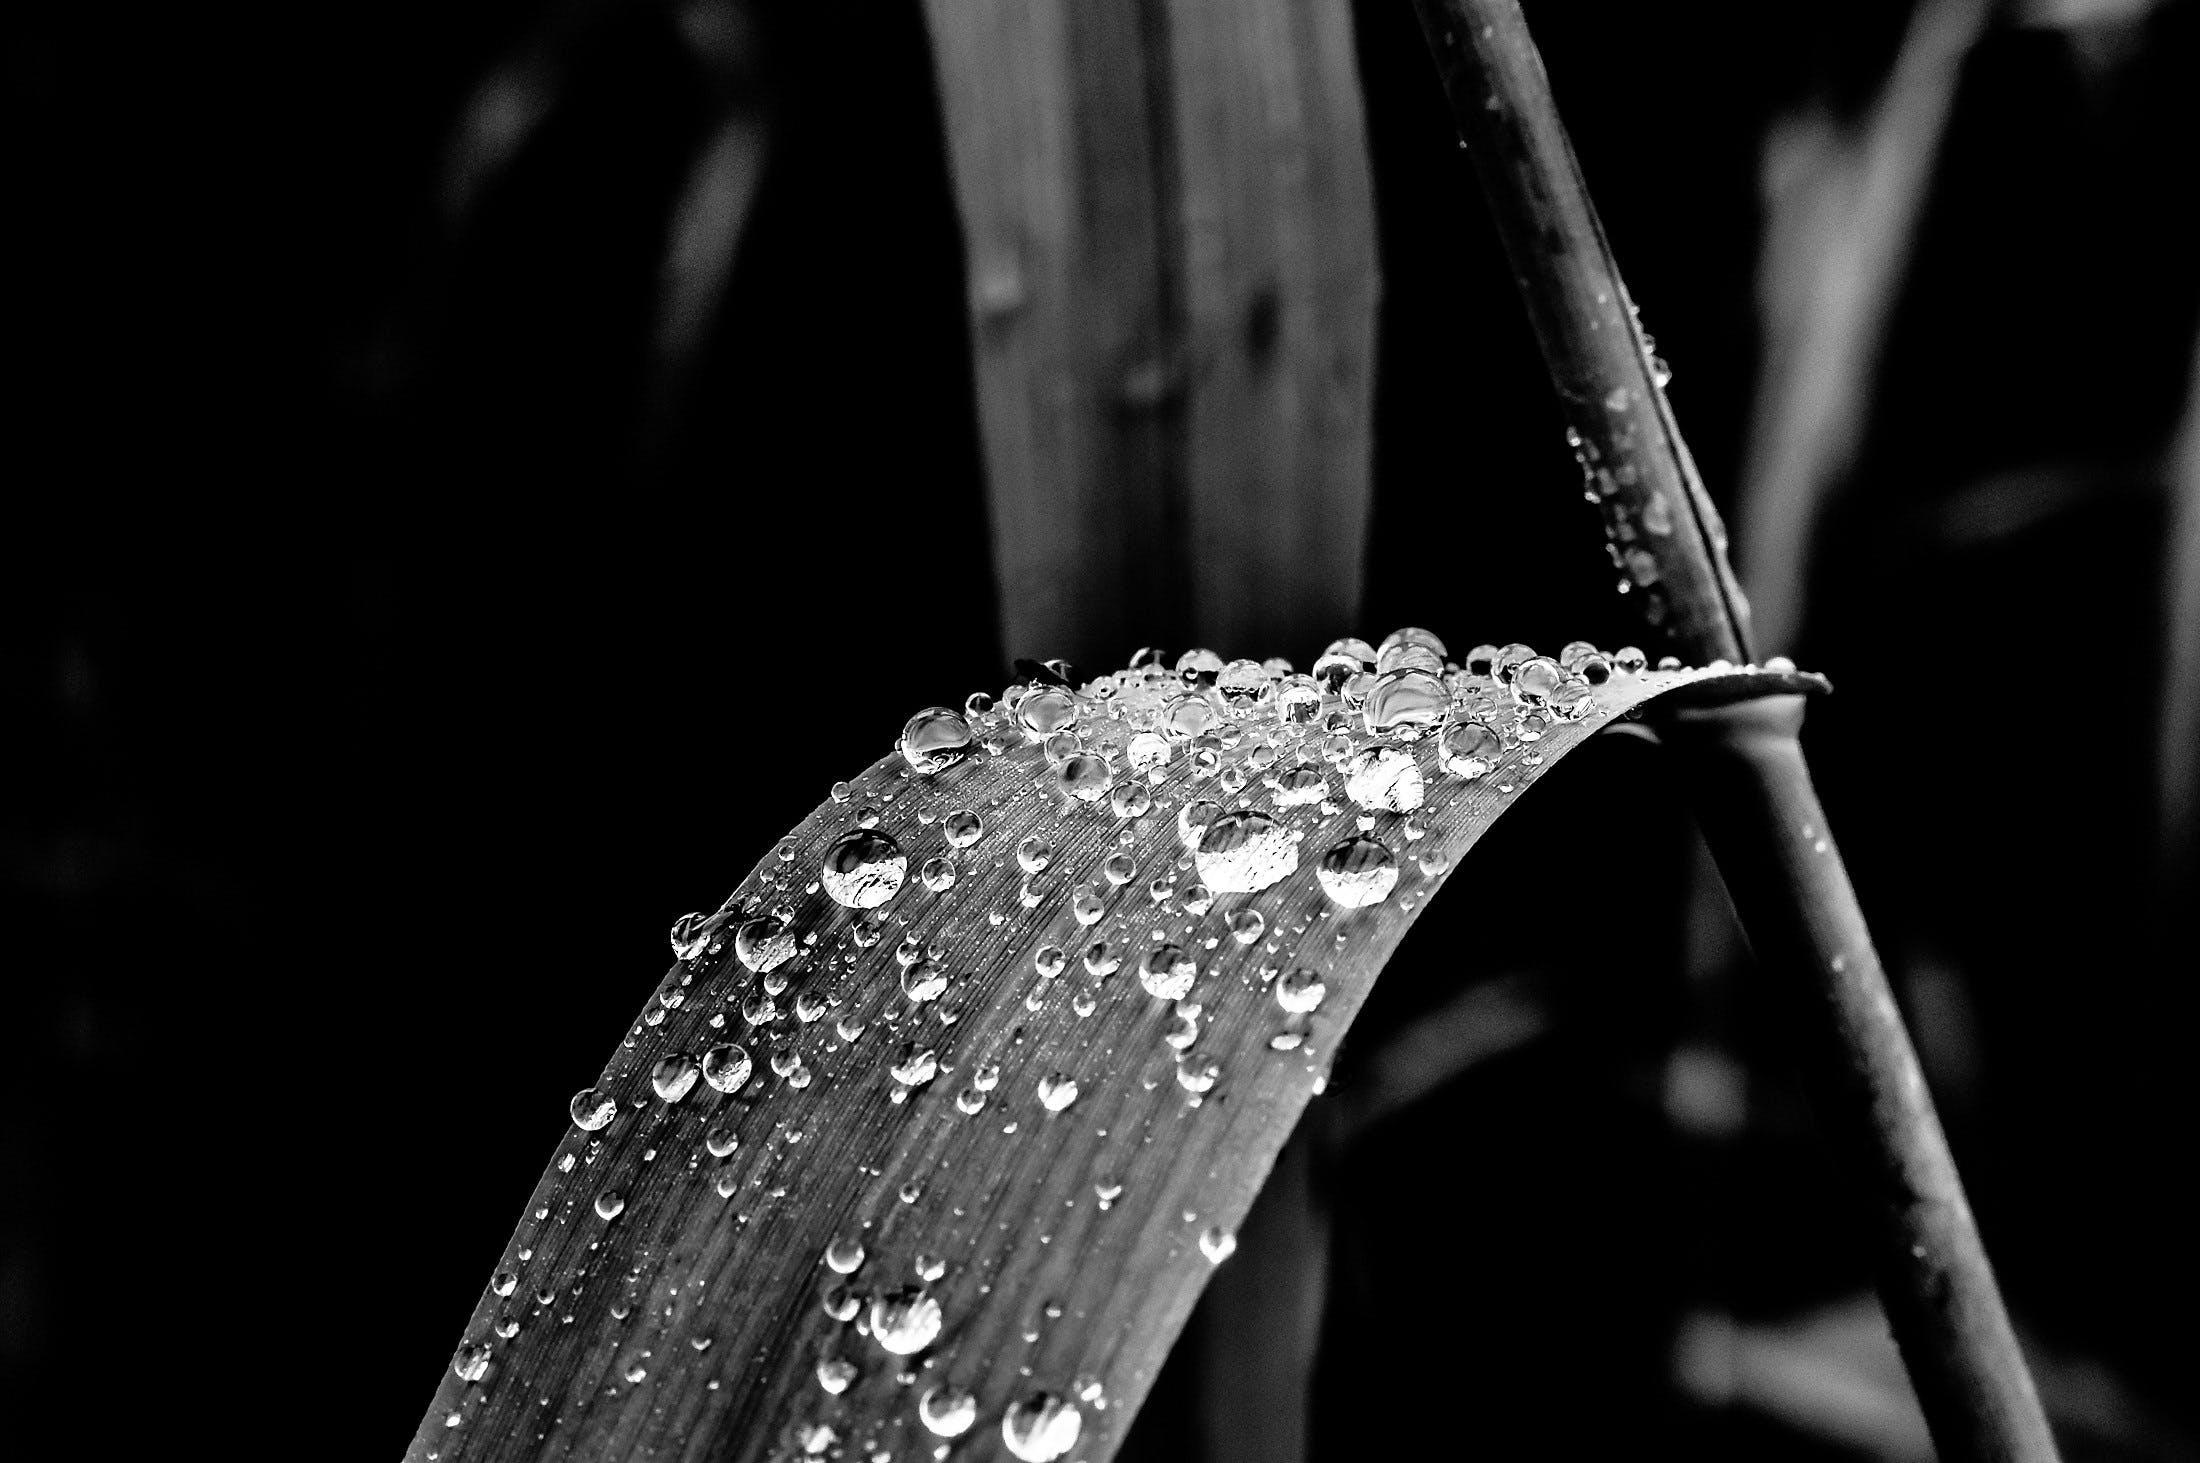 de agua, Arte, blanco y negro, despues de la lluvia